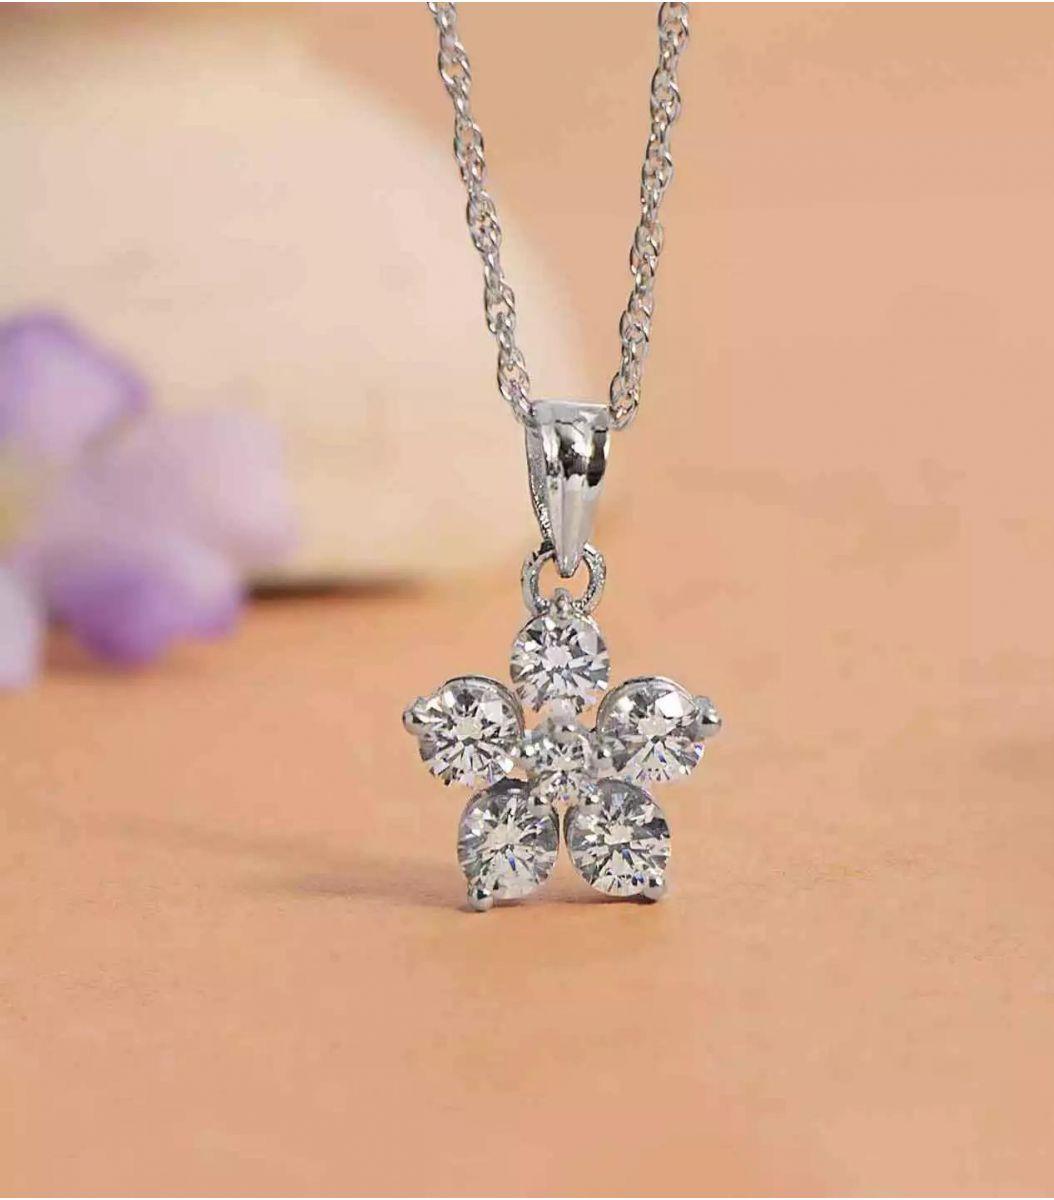 Silver Stone Chain Pendant FJ1649012